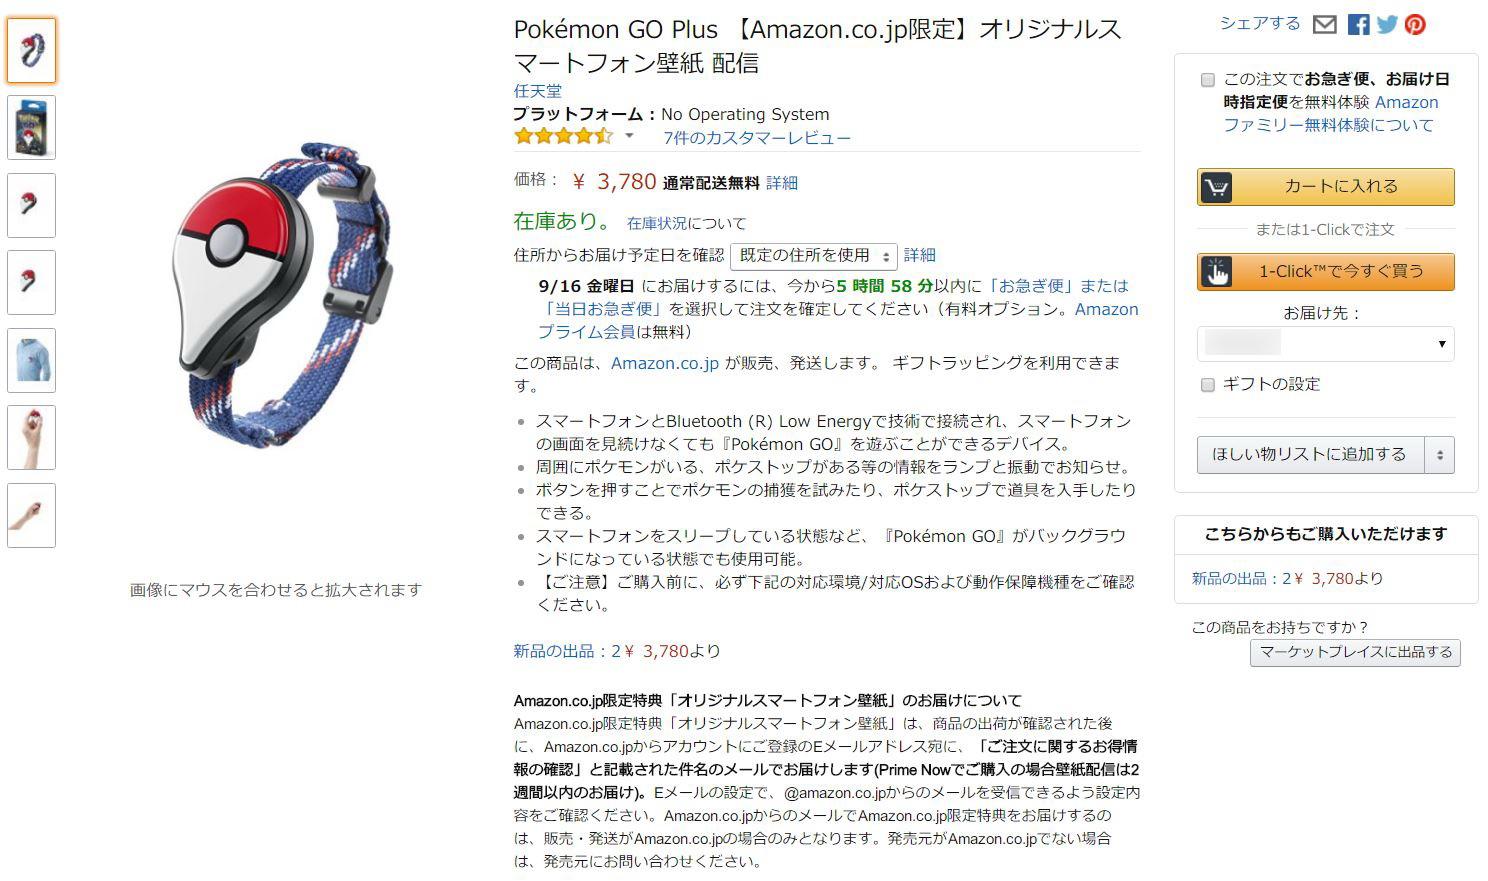 ポケモンgo plusがamazonで販売開始、7時45分時点でまだ購入可。ポケセン